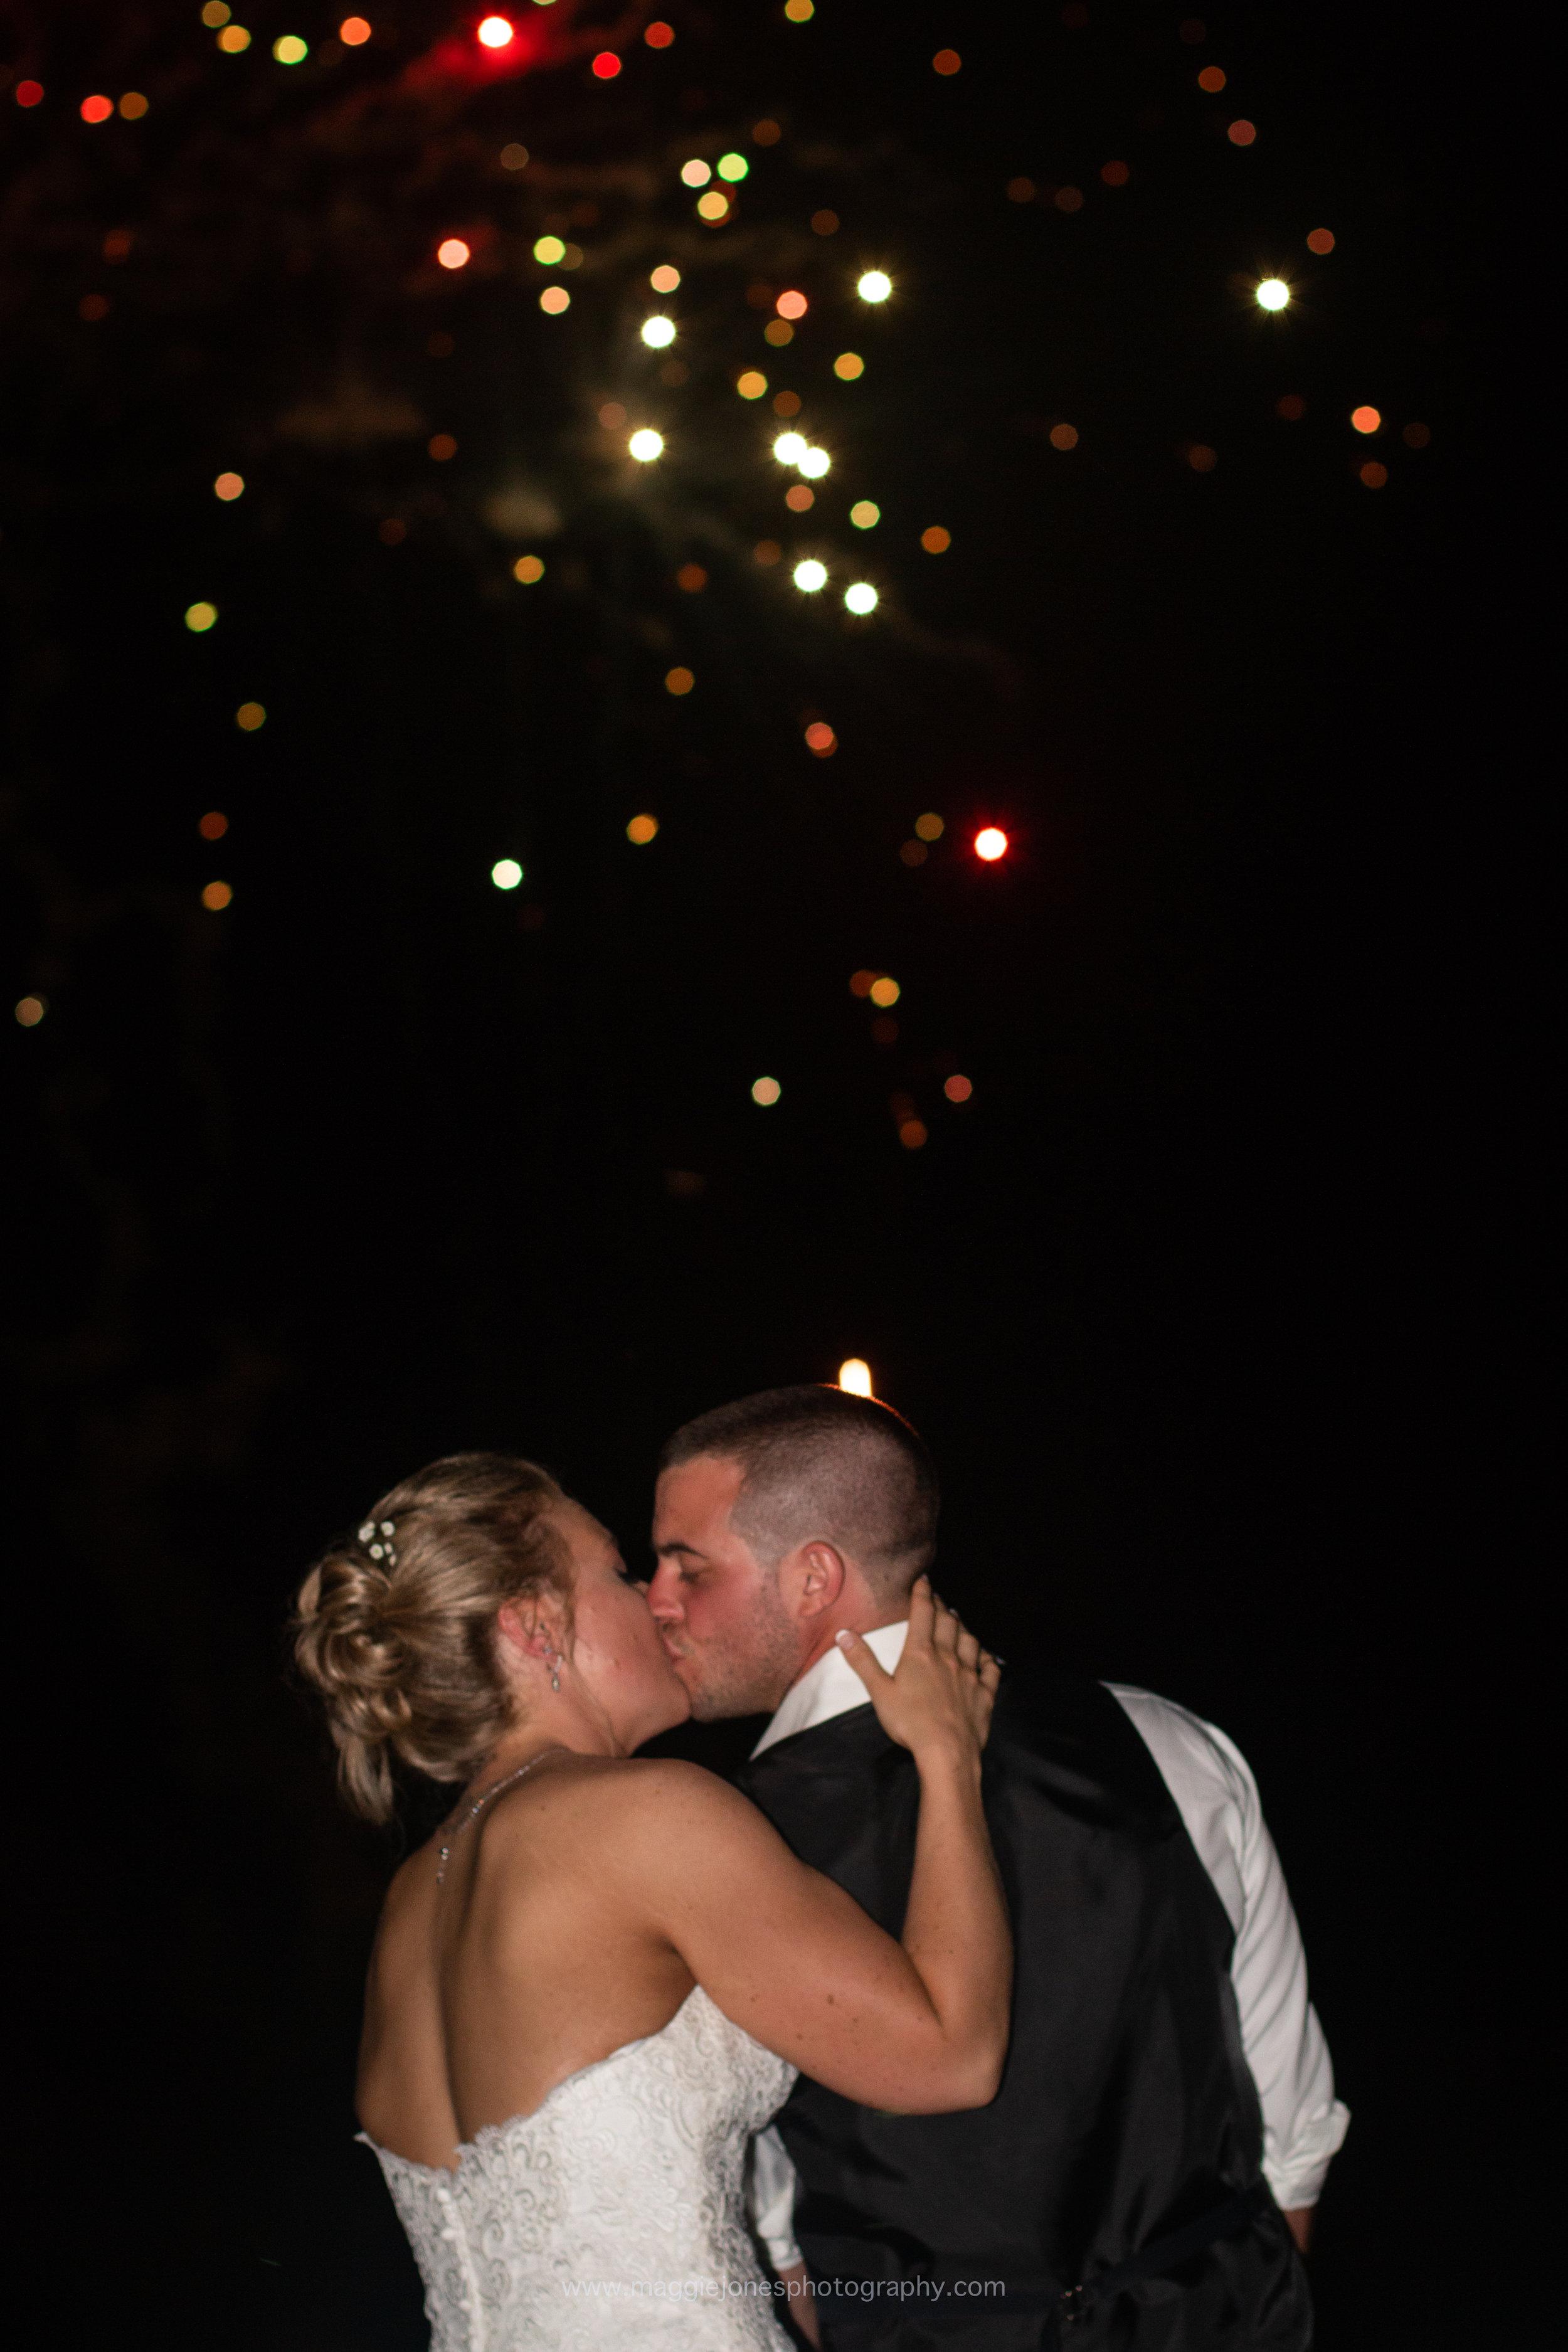 Ashley+DavidShaw_WEDDING_blog-1-30.jpg